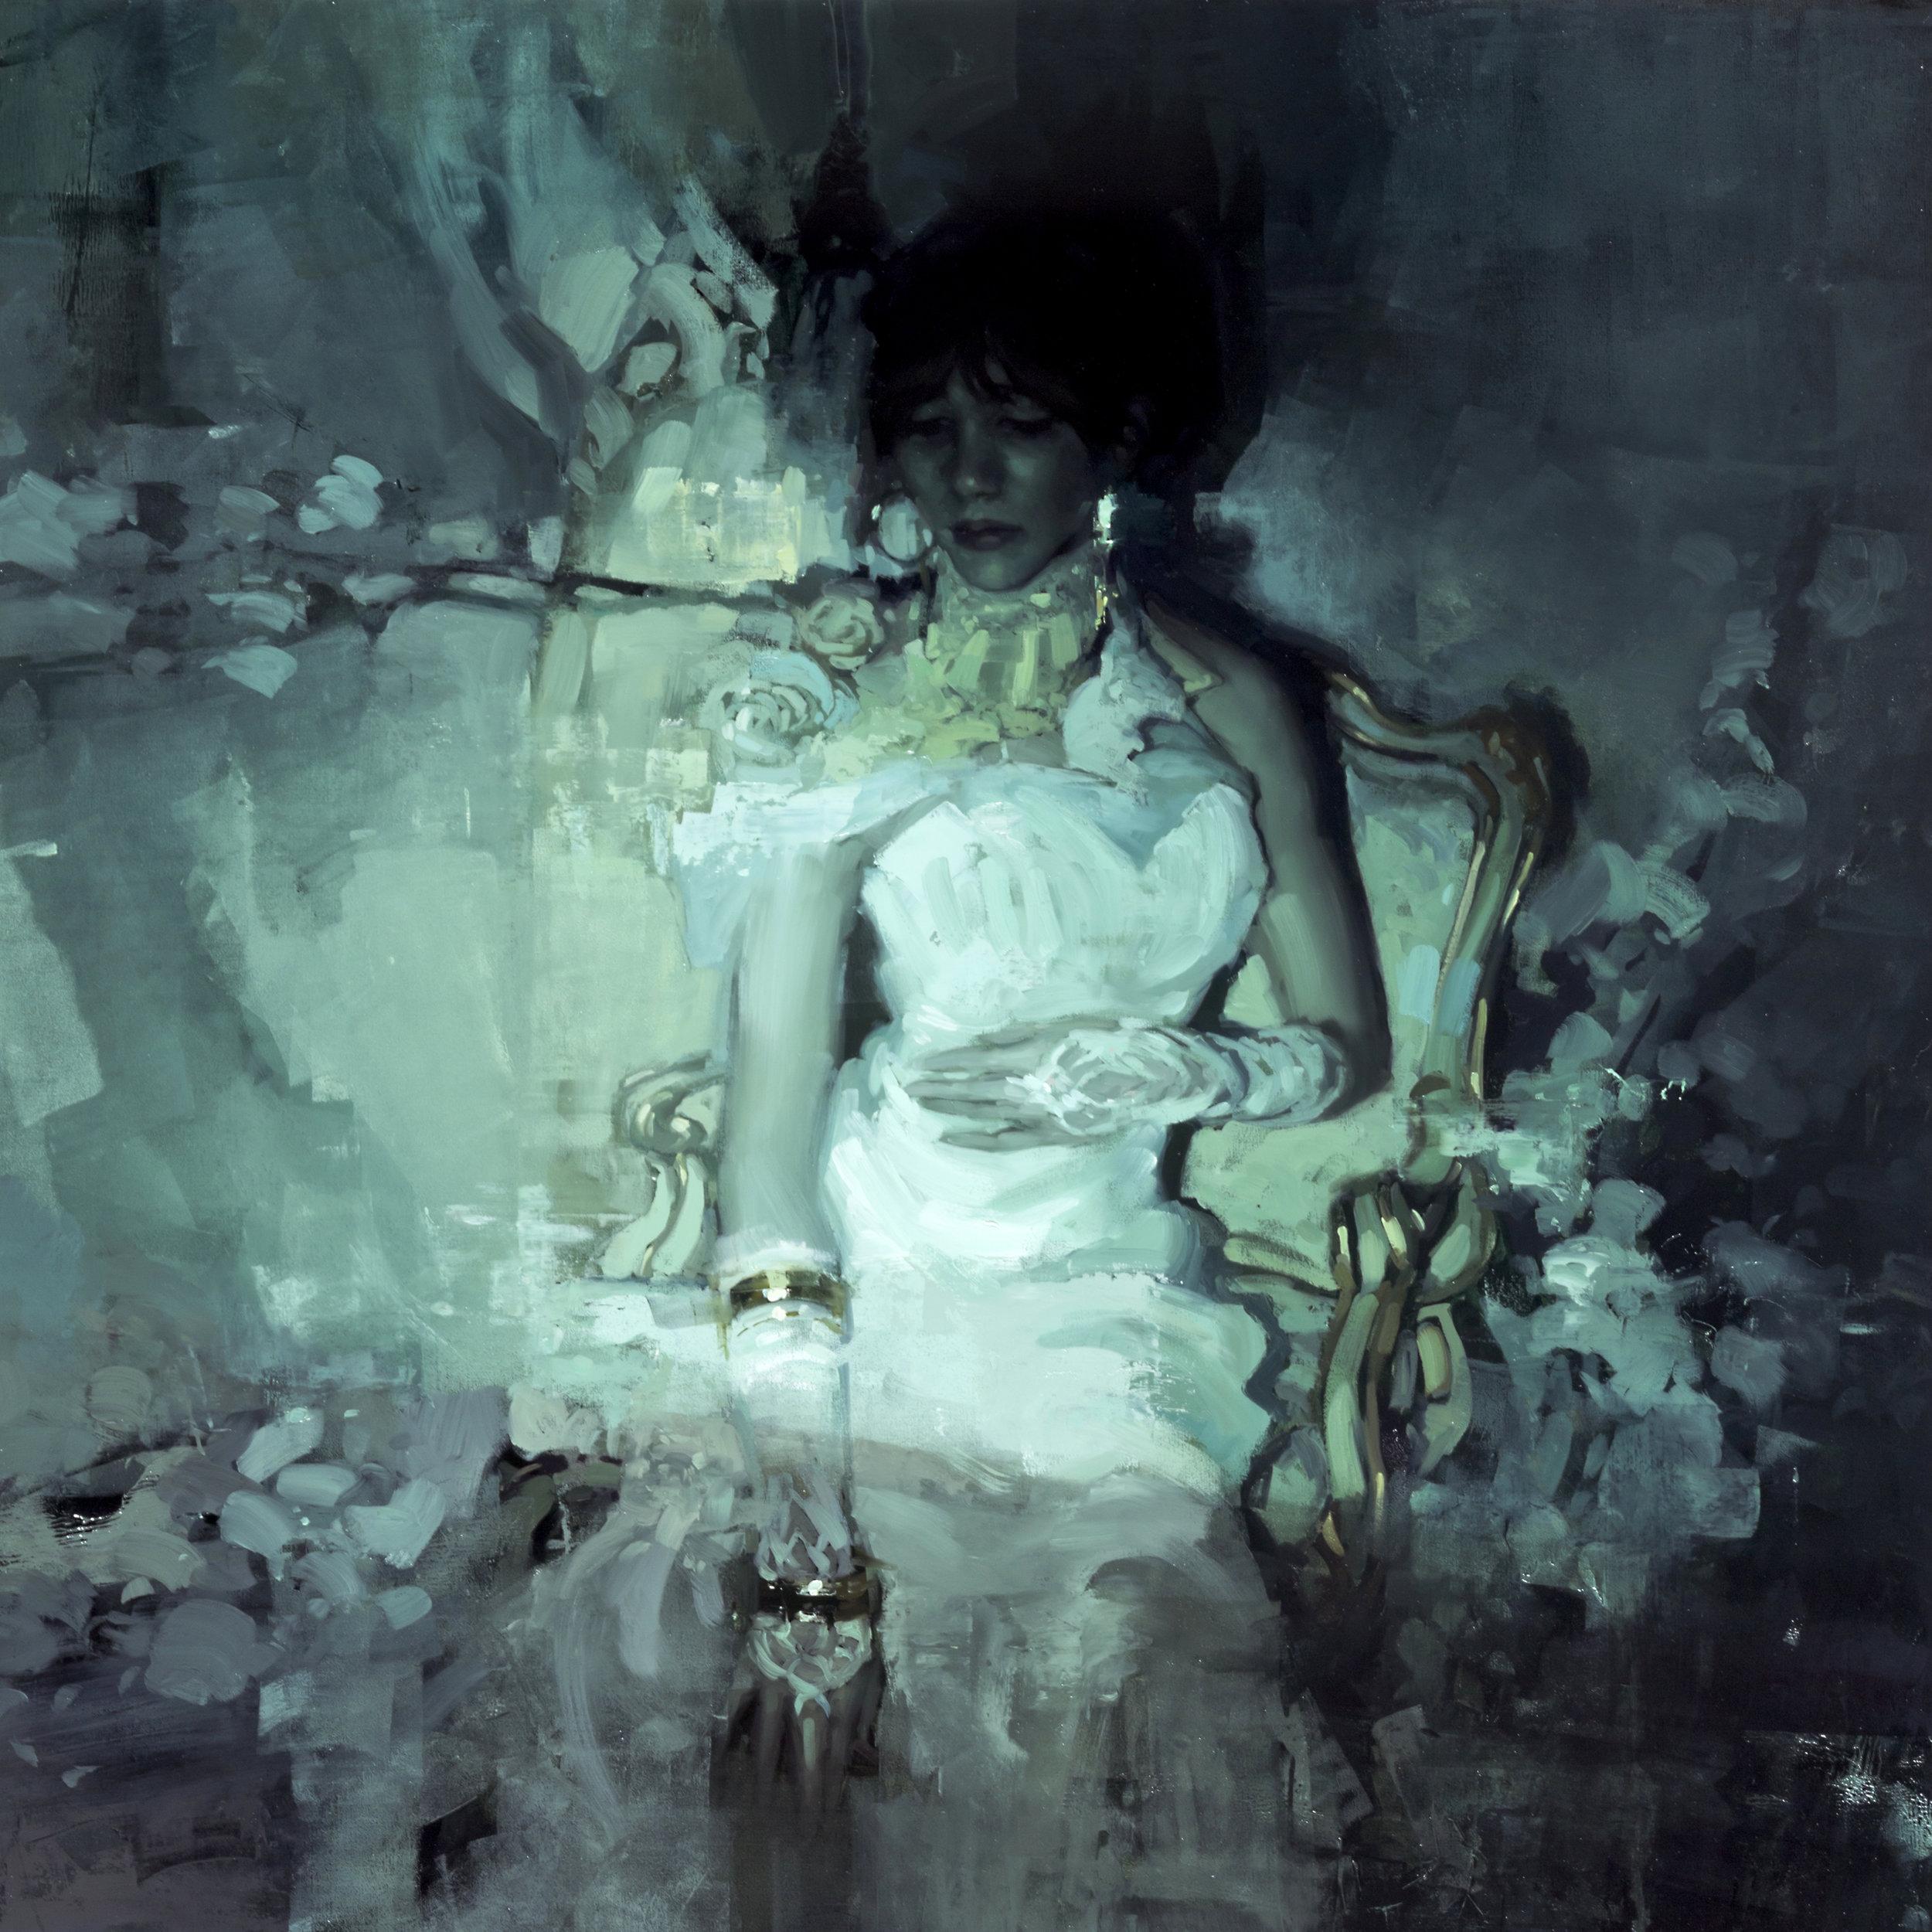 La Bella Signora senza Pietà - 30 x 30 inches - Oil on Panel - Jun-15